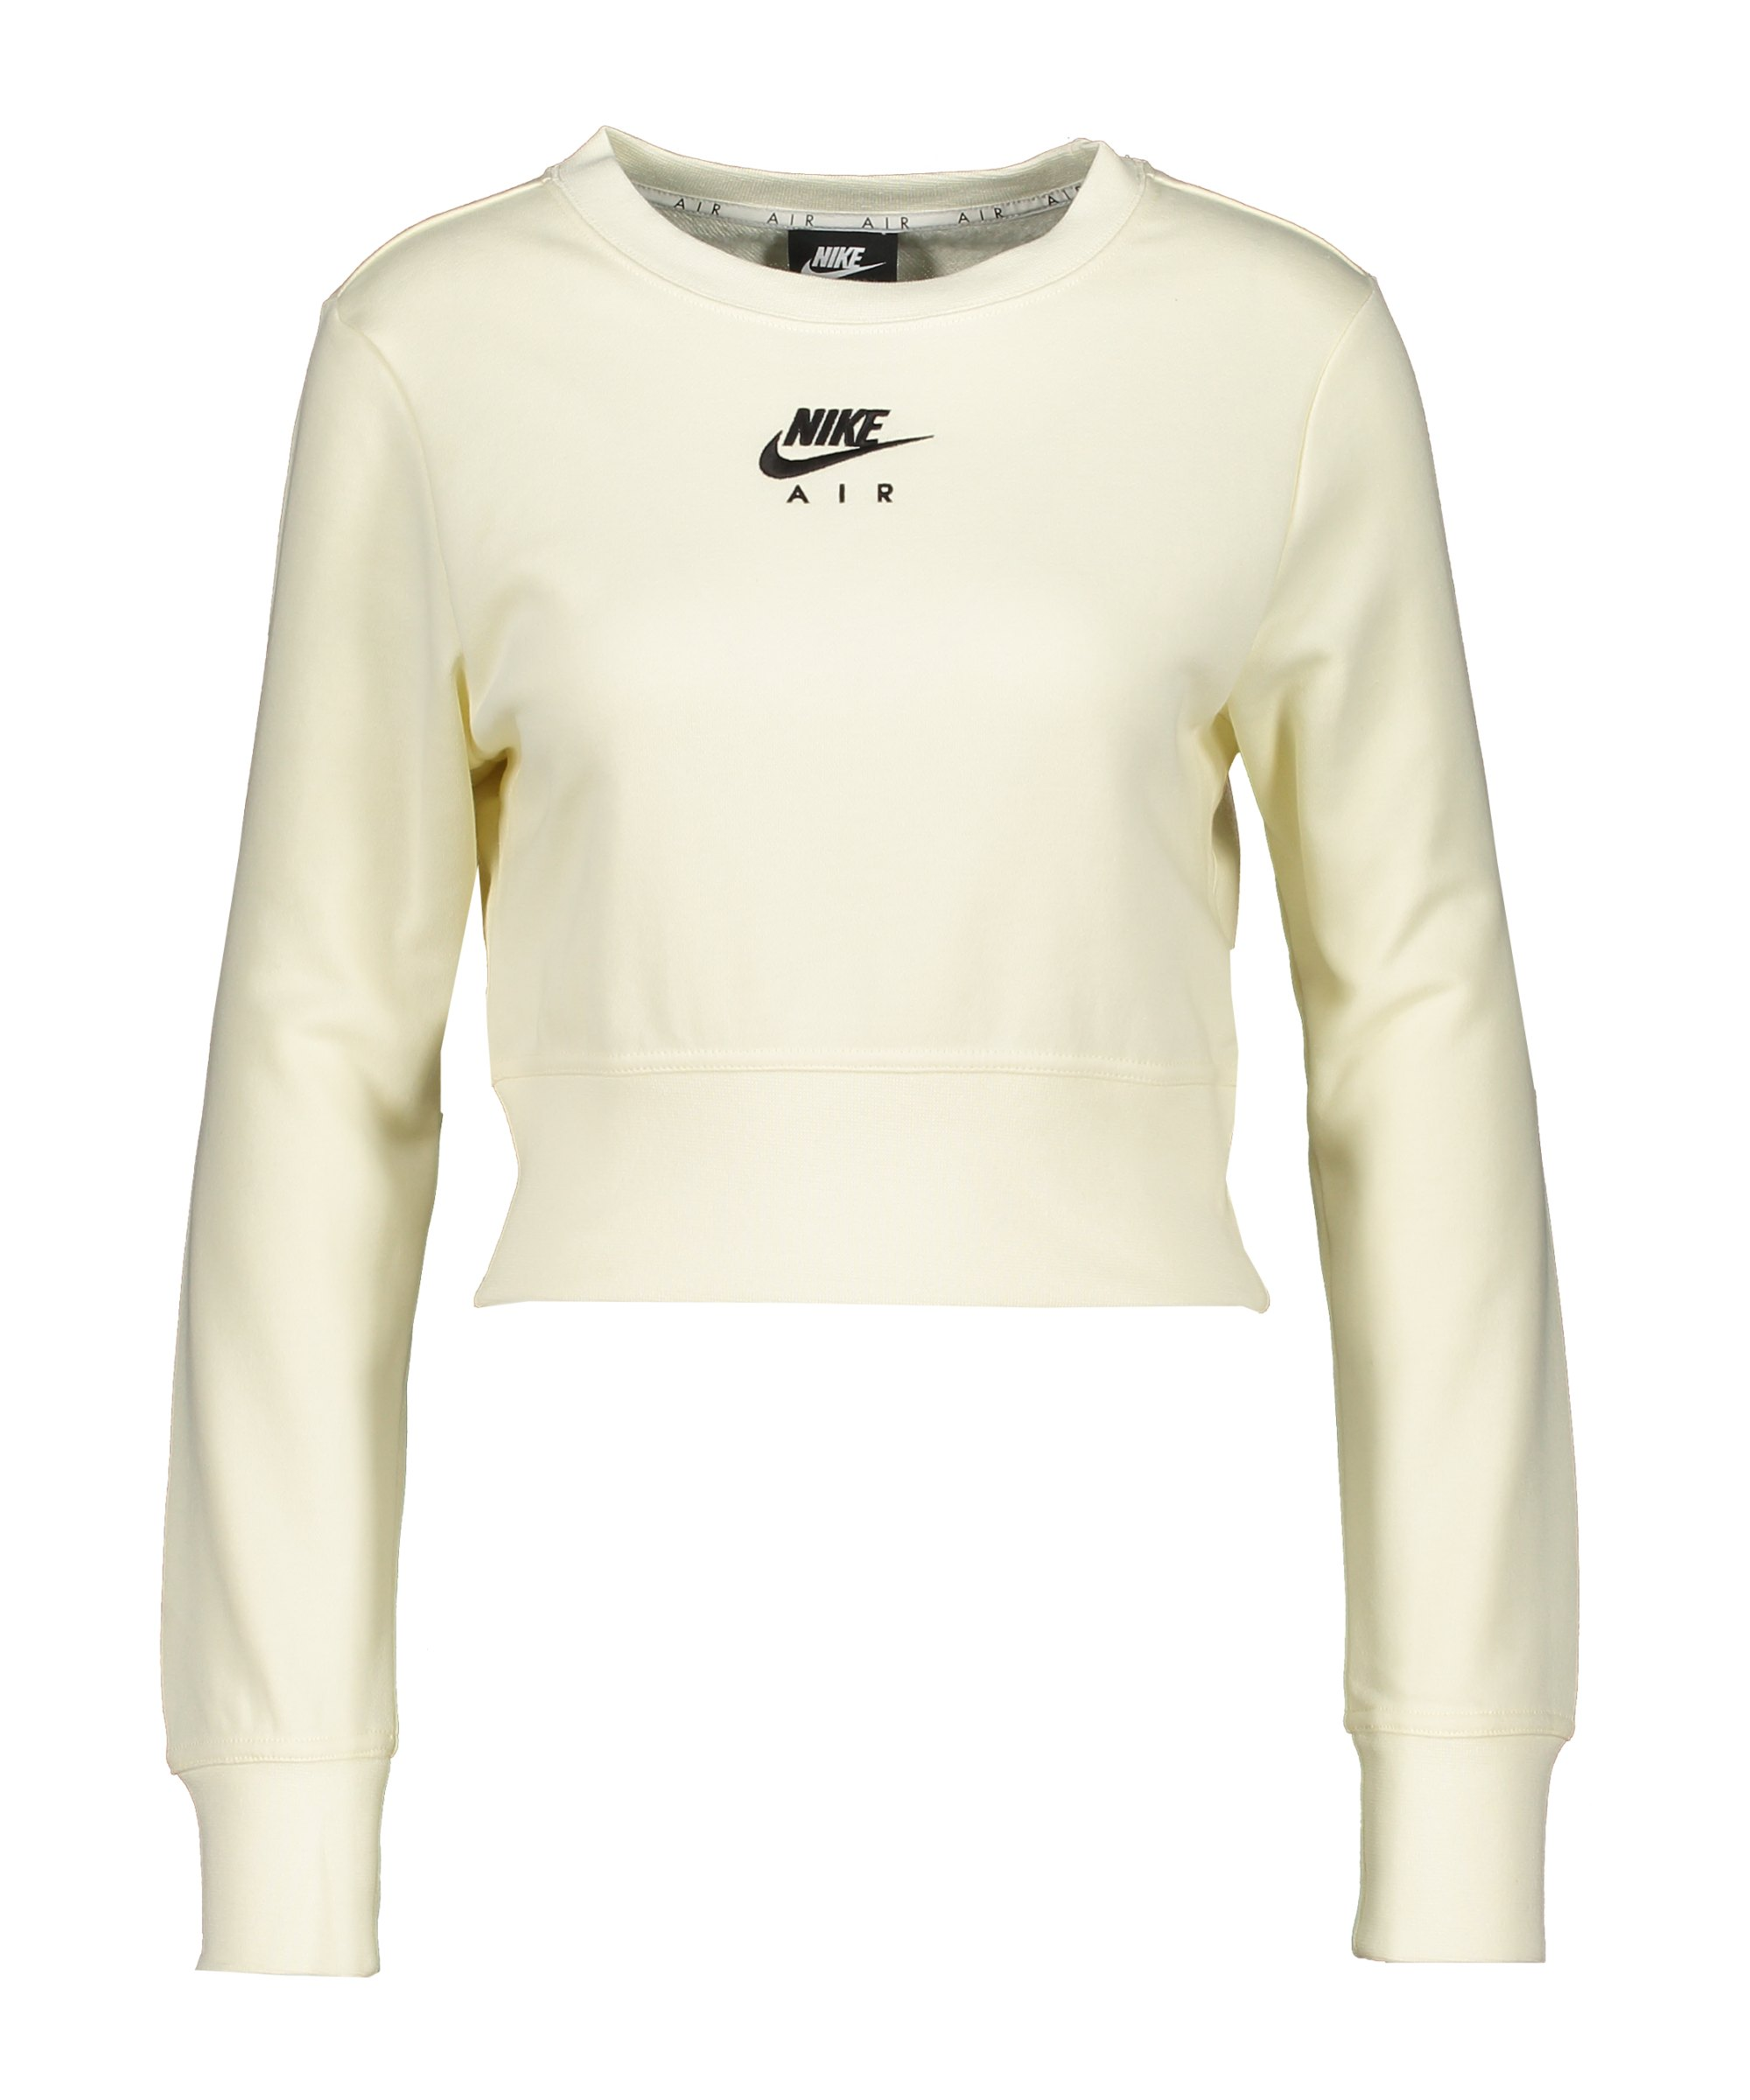 Nike Air Fleece Sweatshirt Damen Beige F113 - beige